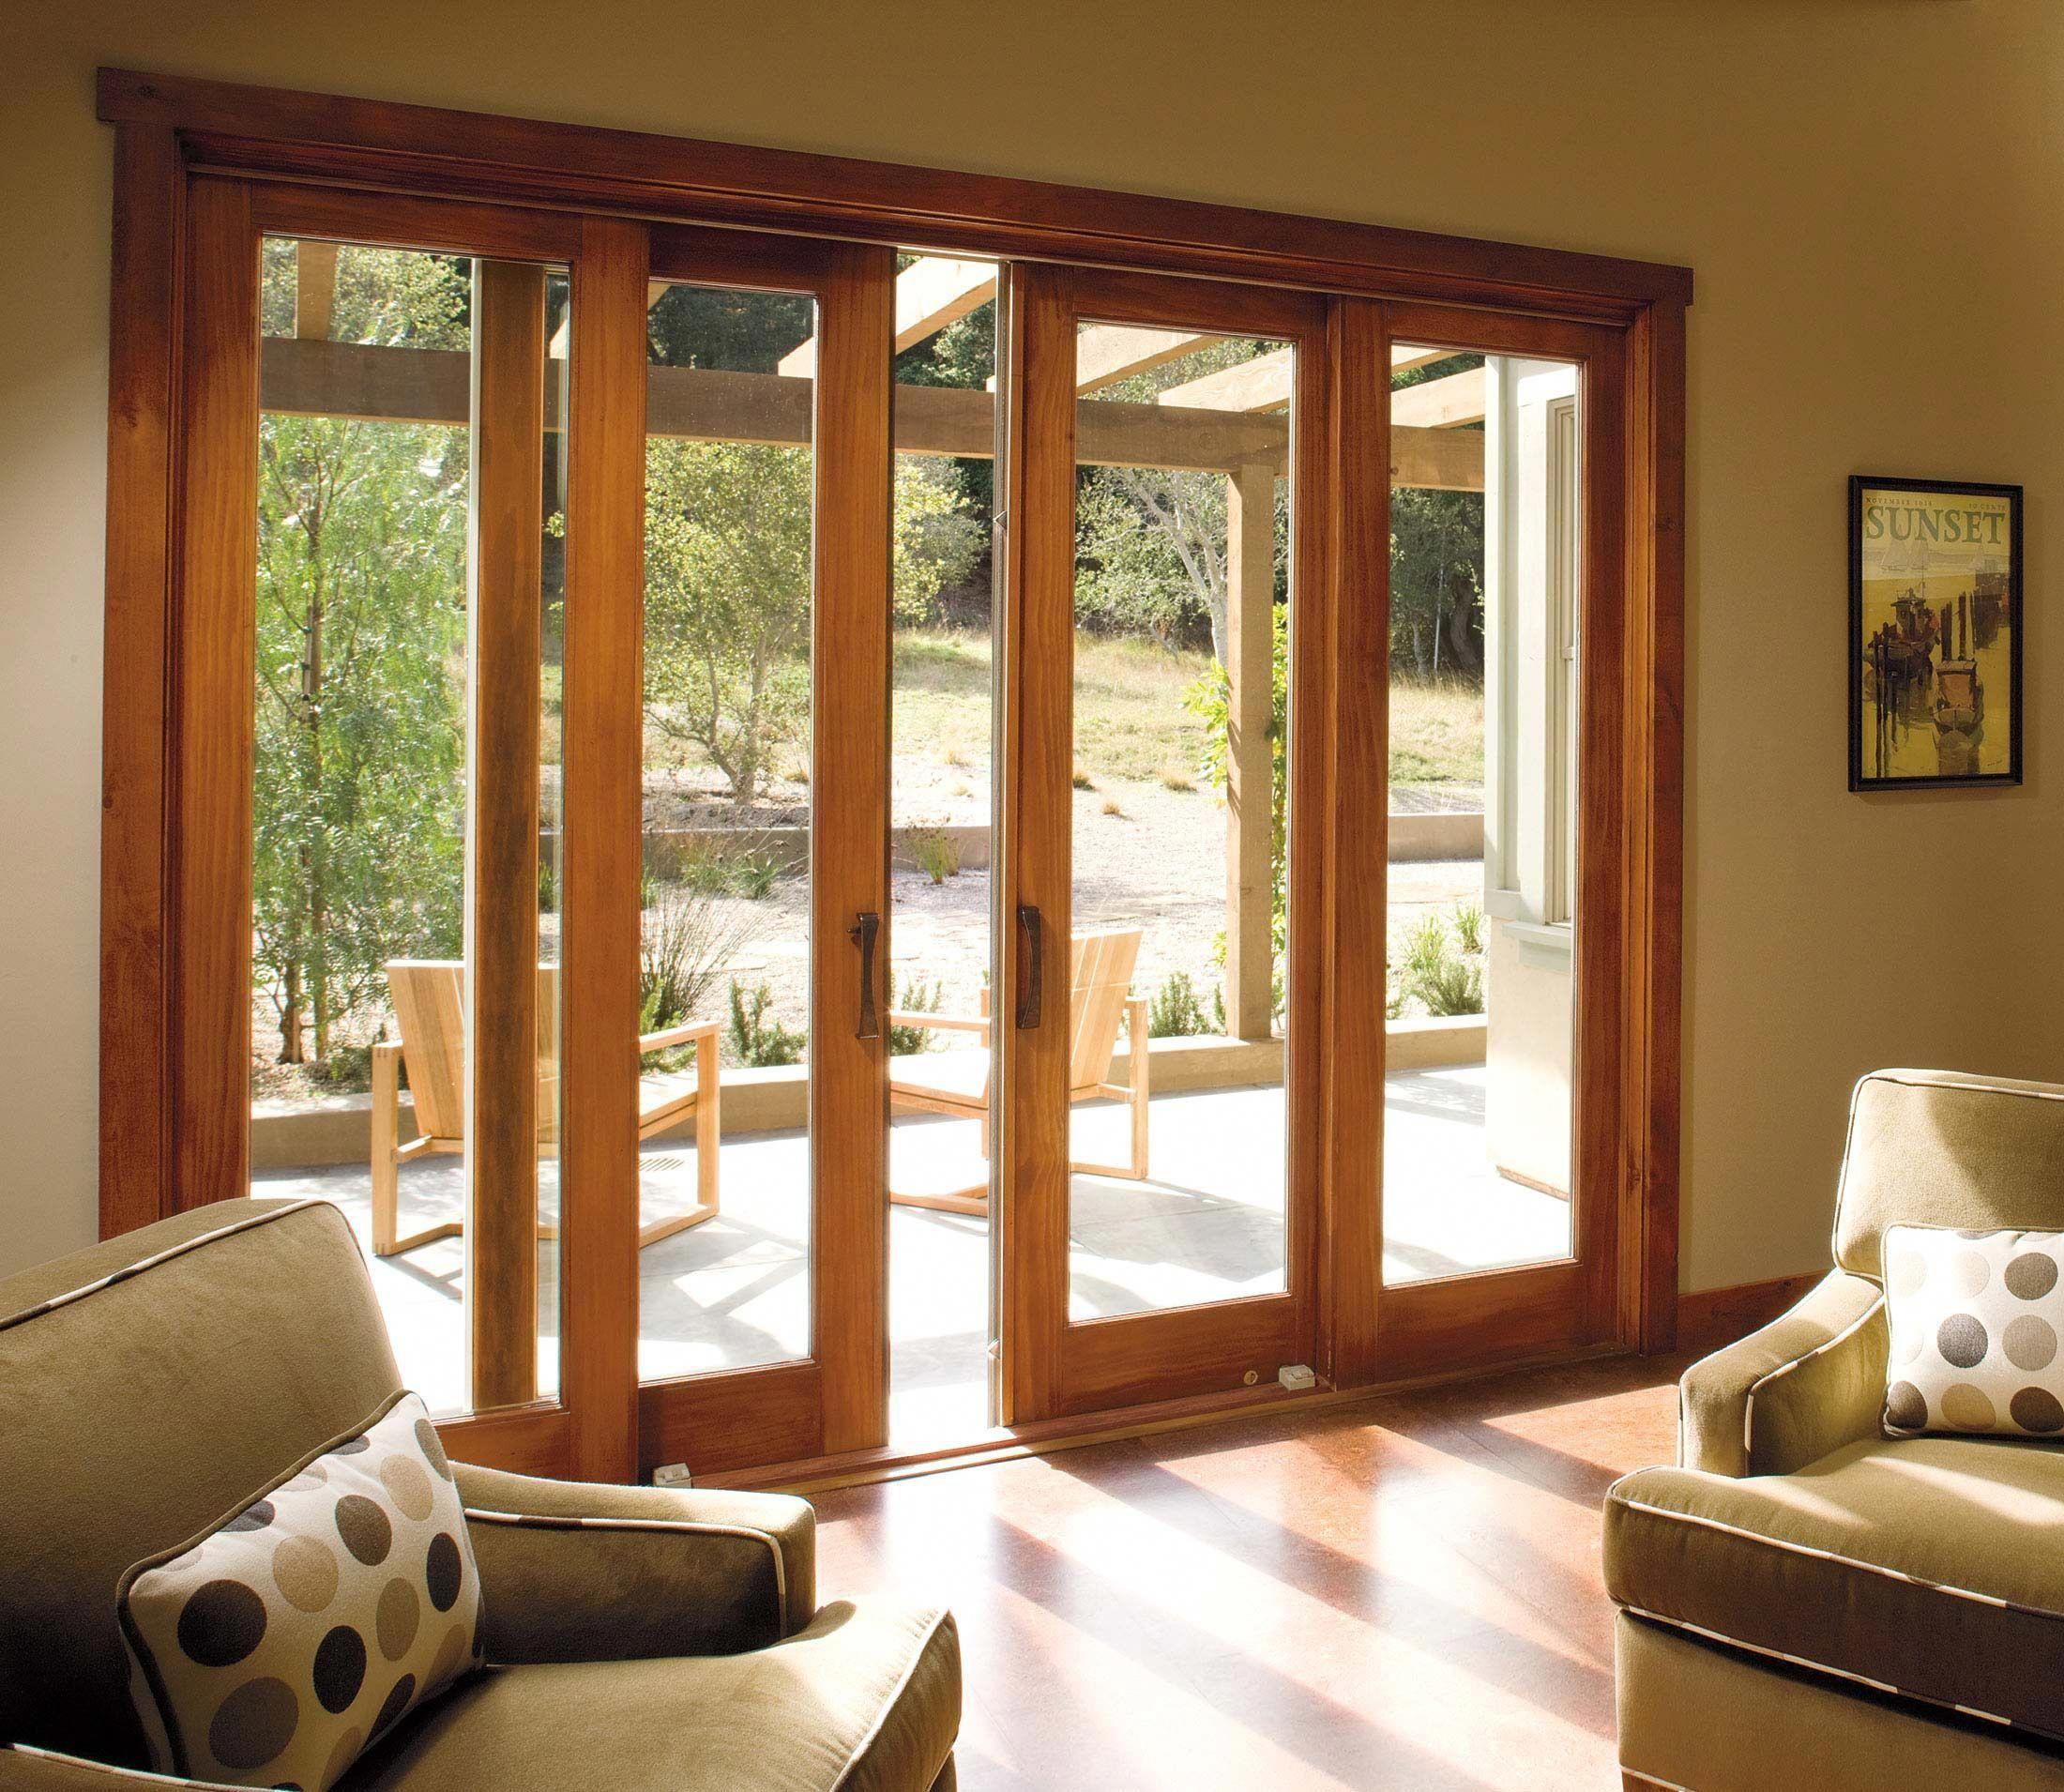 Internal Sliding Glass Doors Barn Door Interior Sliding Doors 8 Ft Tall Sliding Closet Doors 201 Double Patio Doors French Doors Patio Sliding French Doors